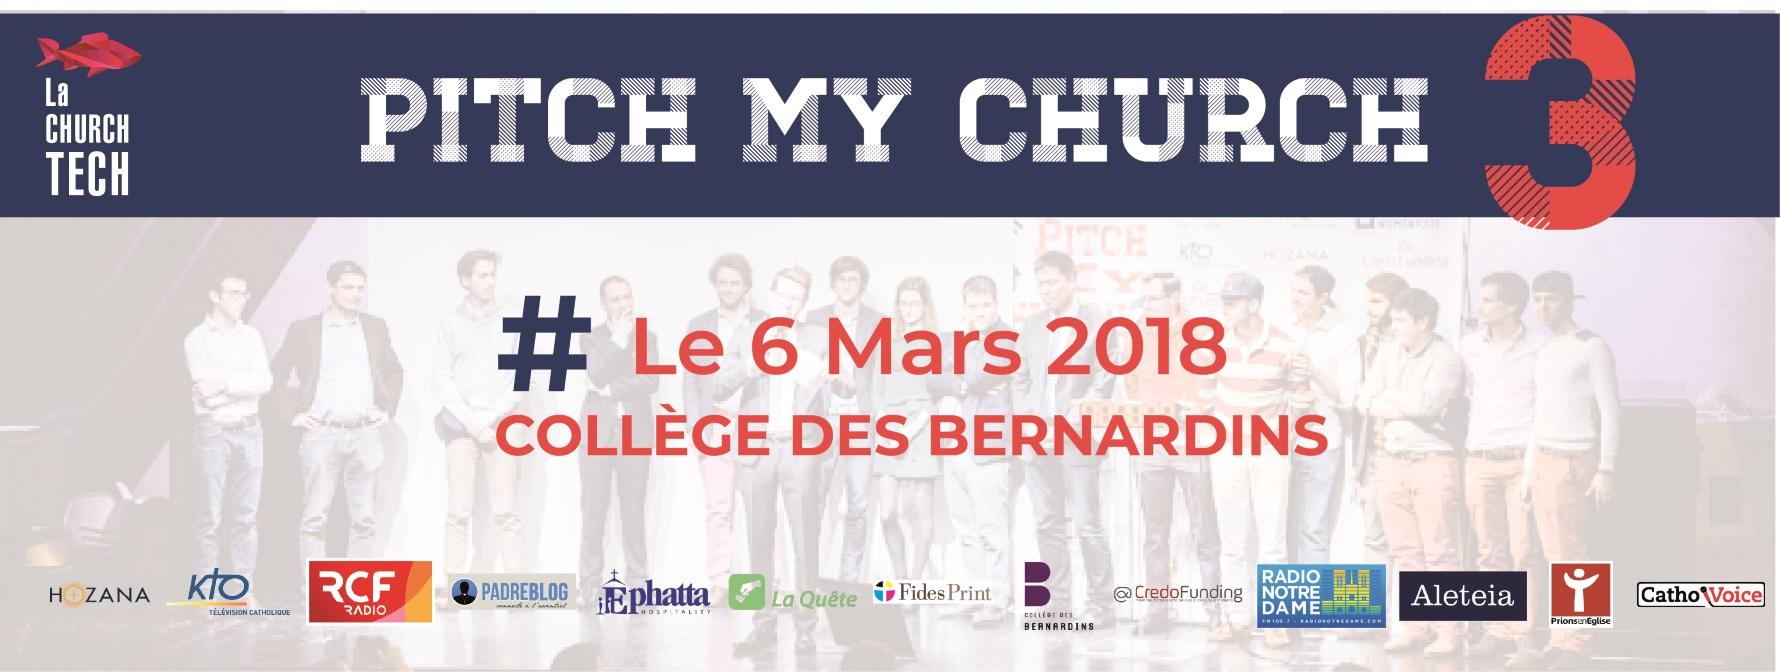 Votez pour l'un des 3 projets présentés à Pitch My Church 3 !